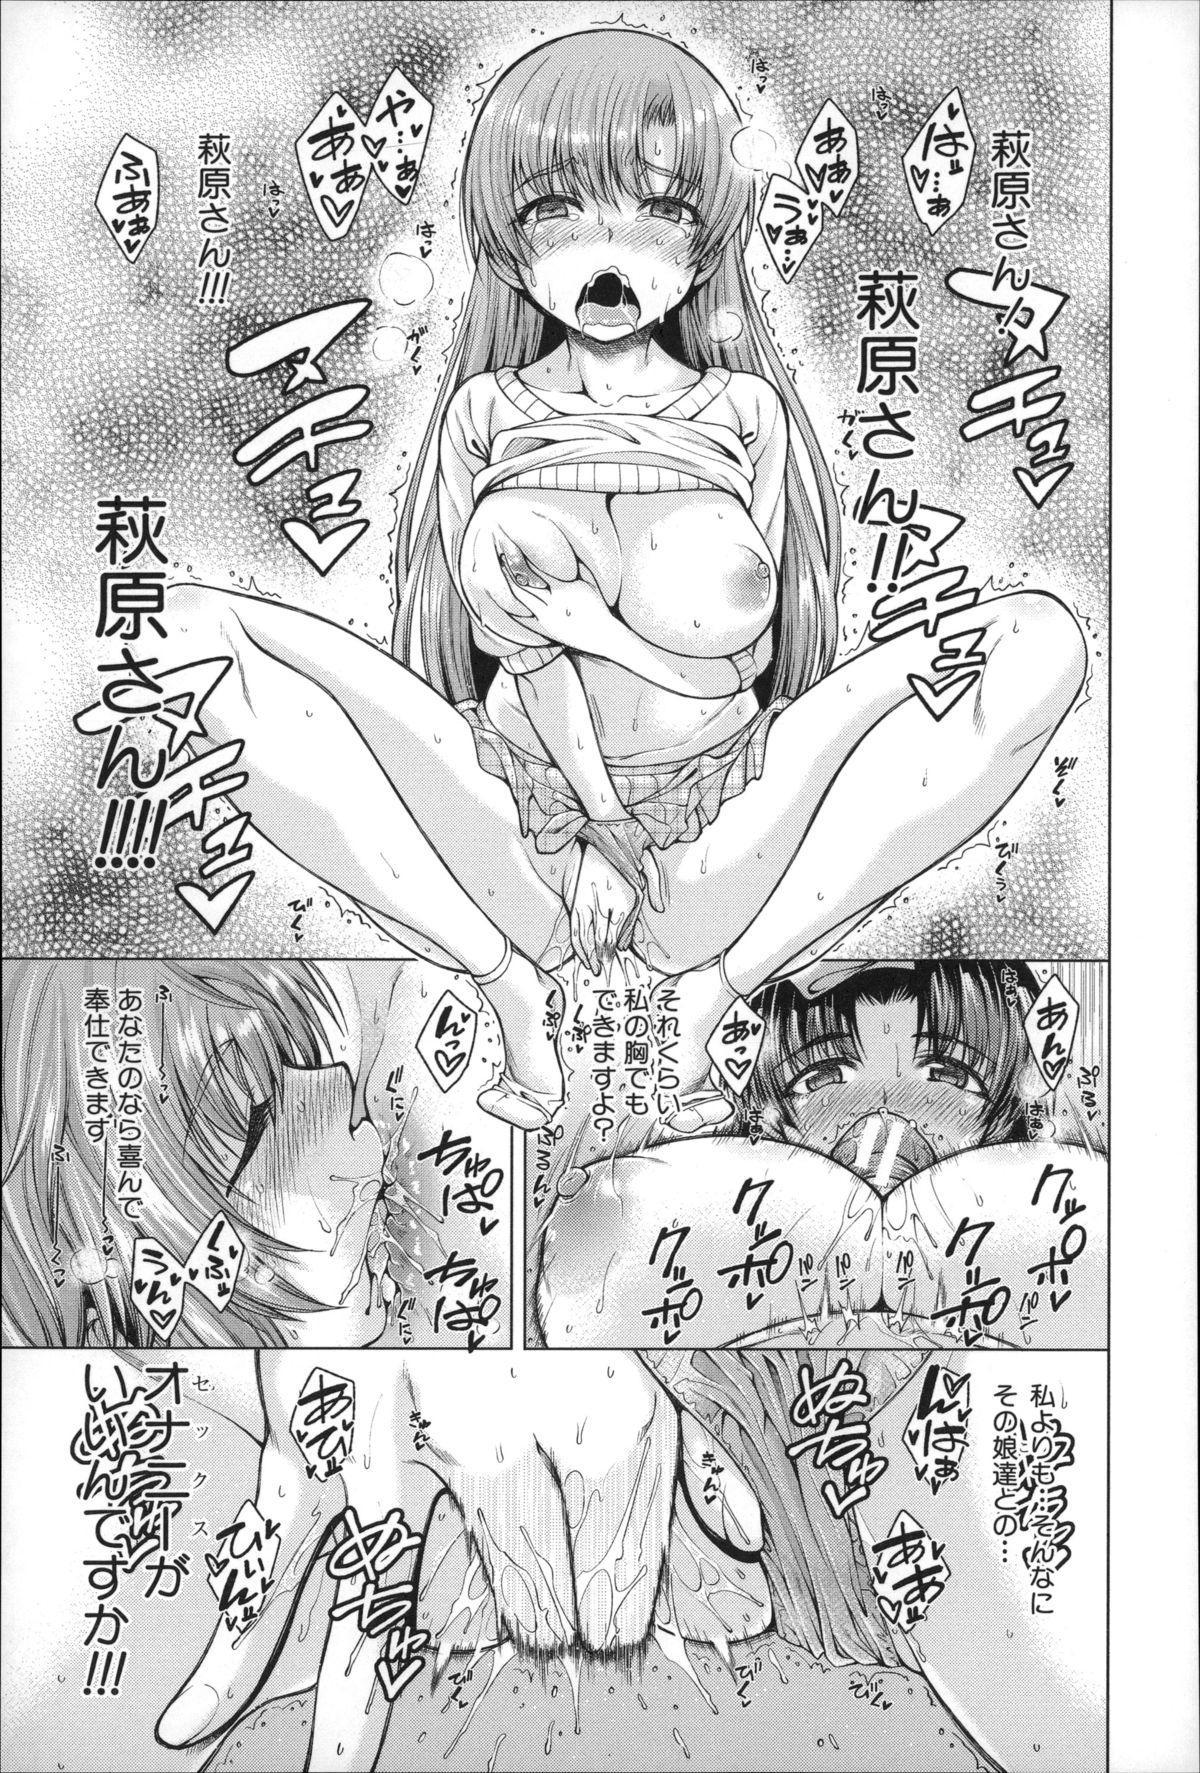 Migite ga Bishoujo ni Natta kara Sex Shita kedo Doutei dayone!! 103